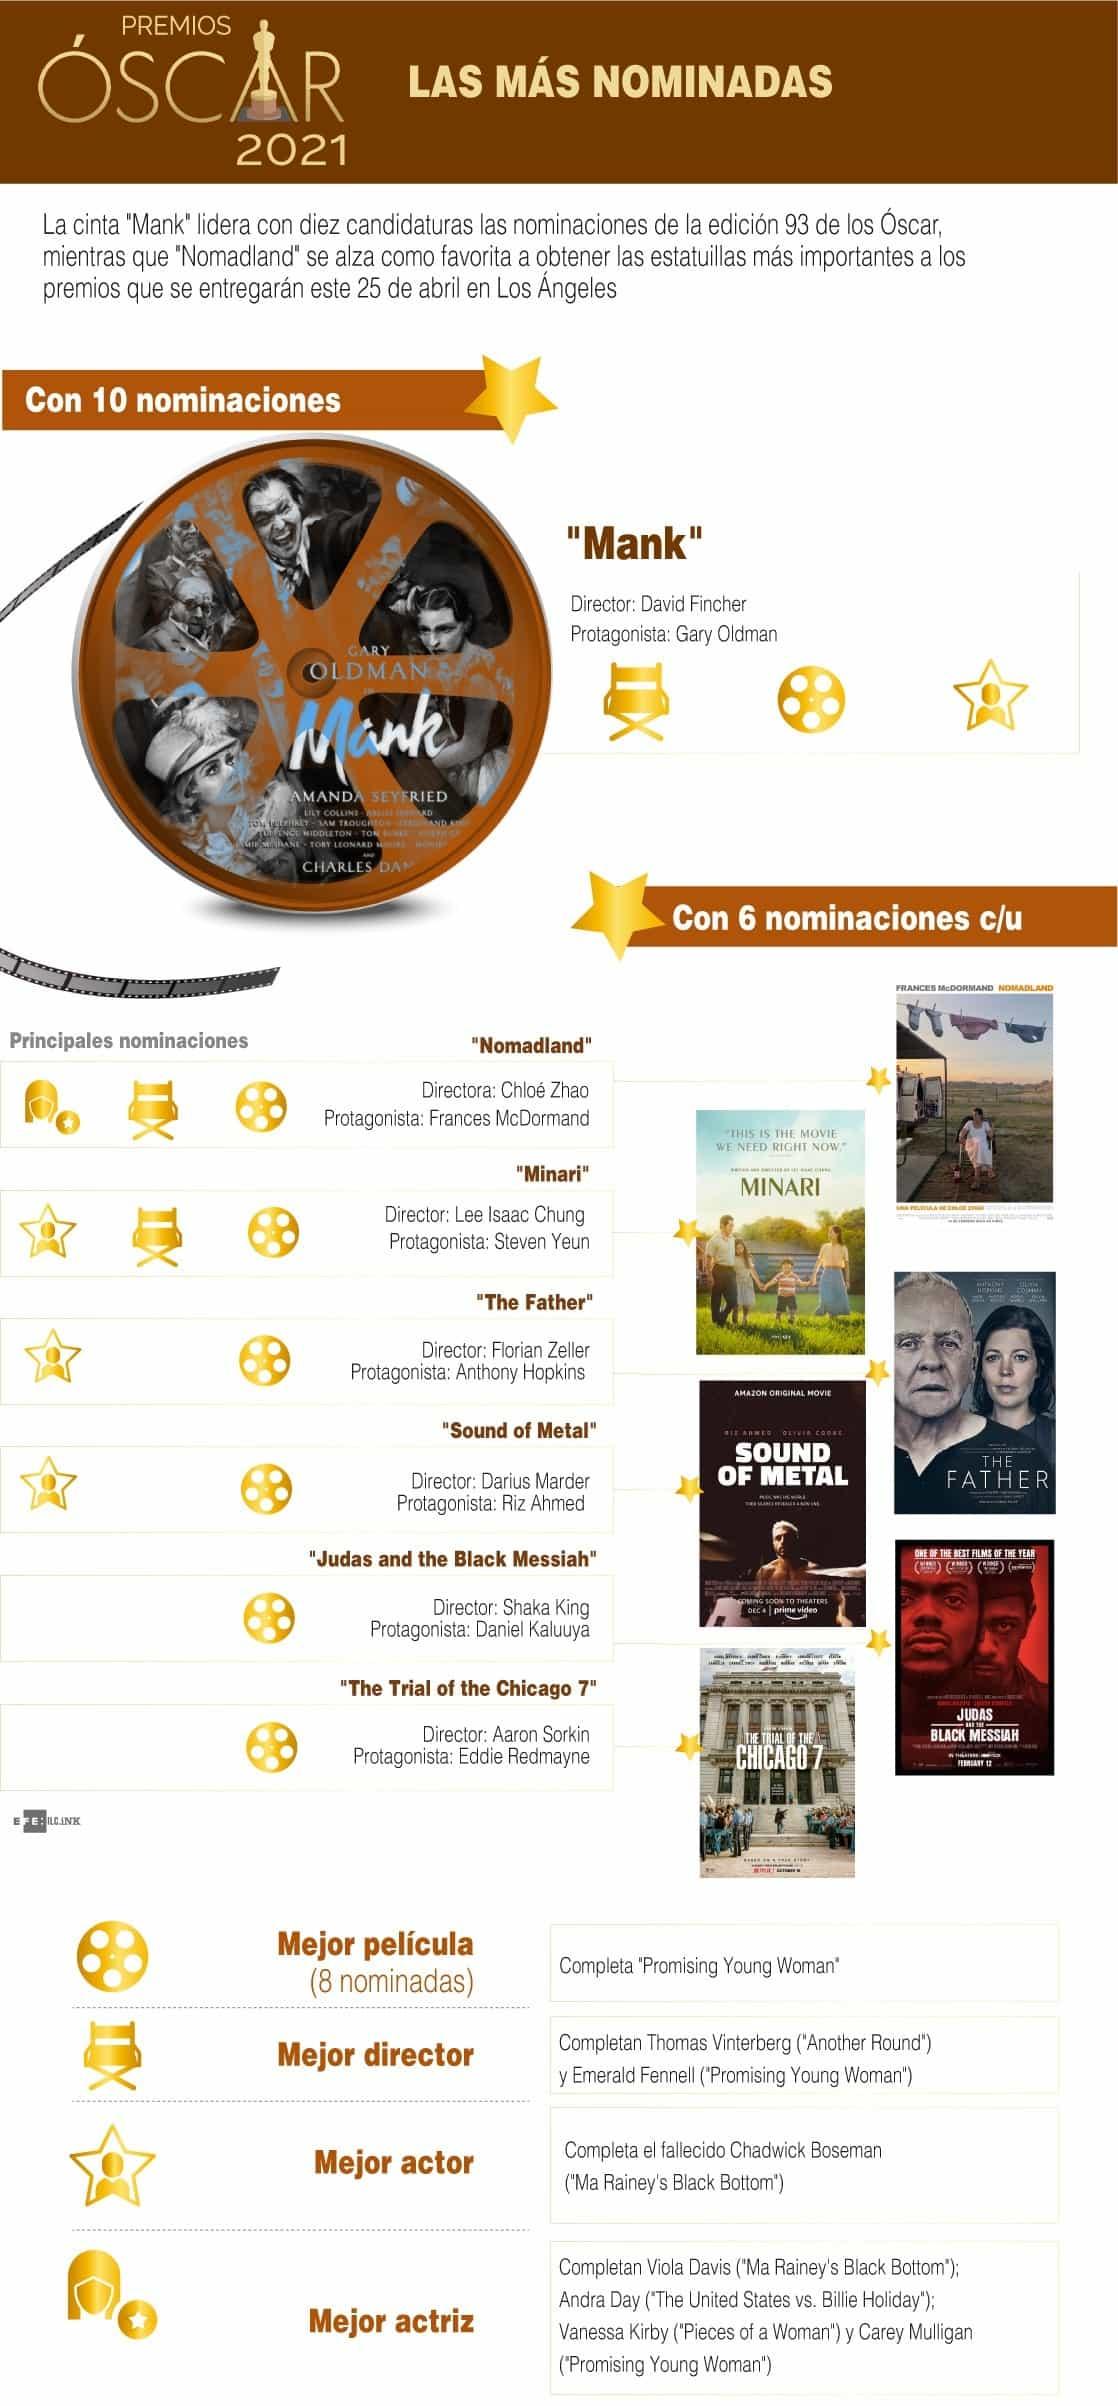 [Infografía] - Premios Óscar 2021 - Las más y los más nominados 1